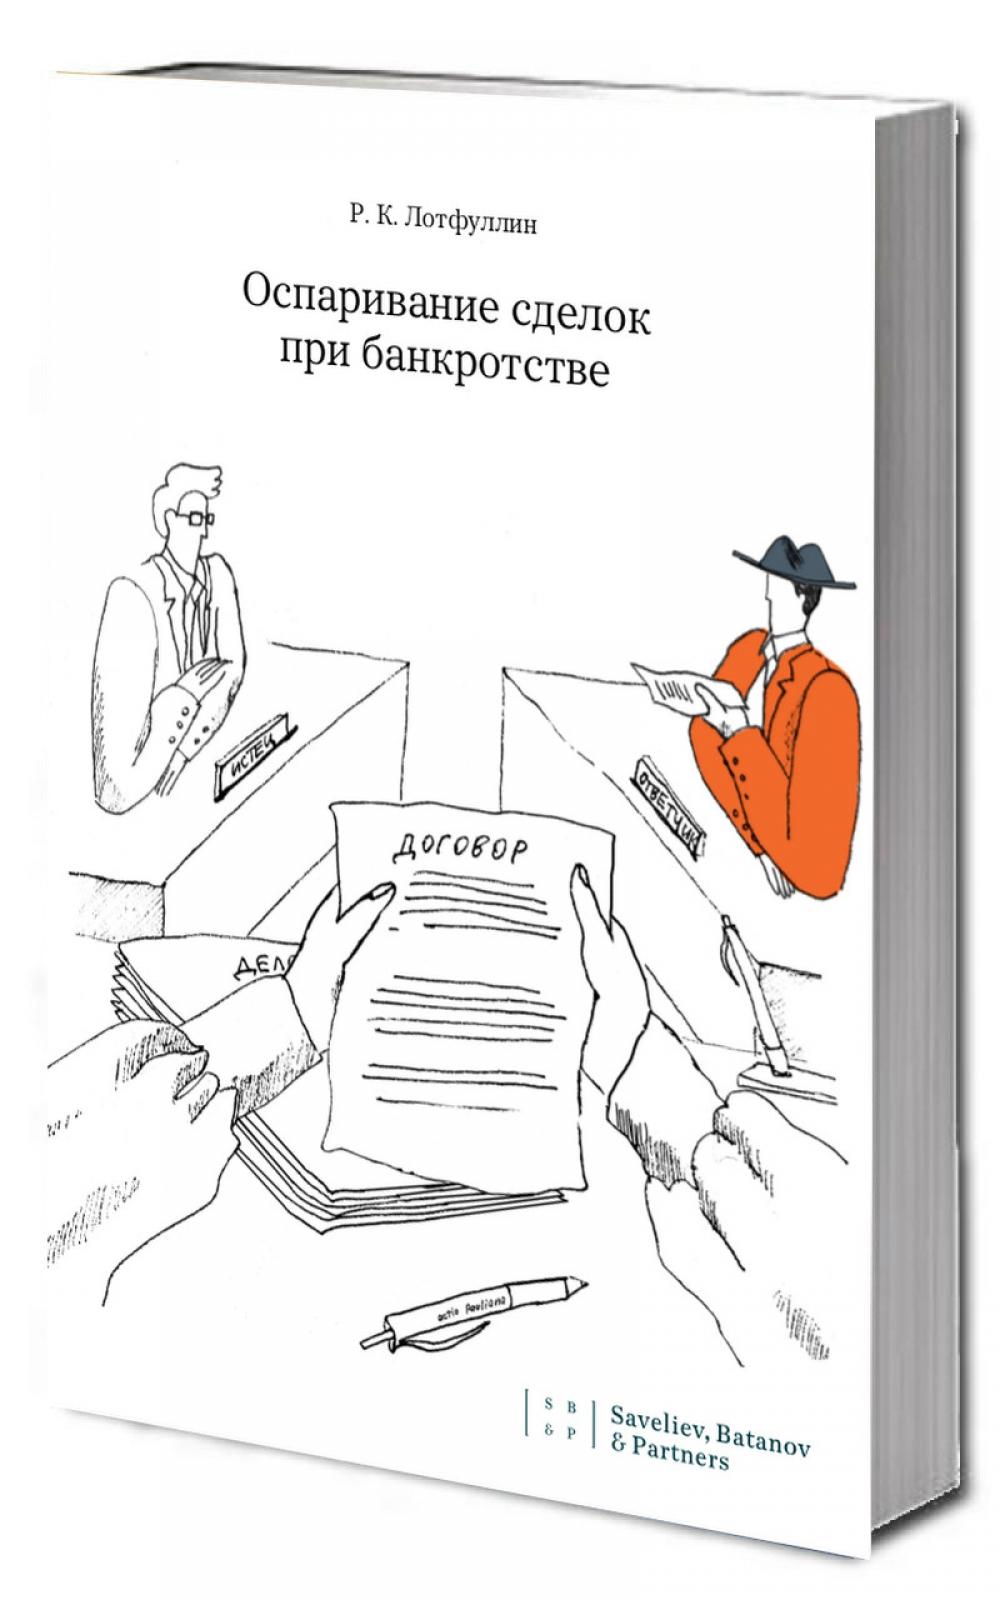 анализ сделок при банкротстве